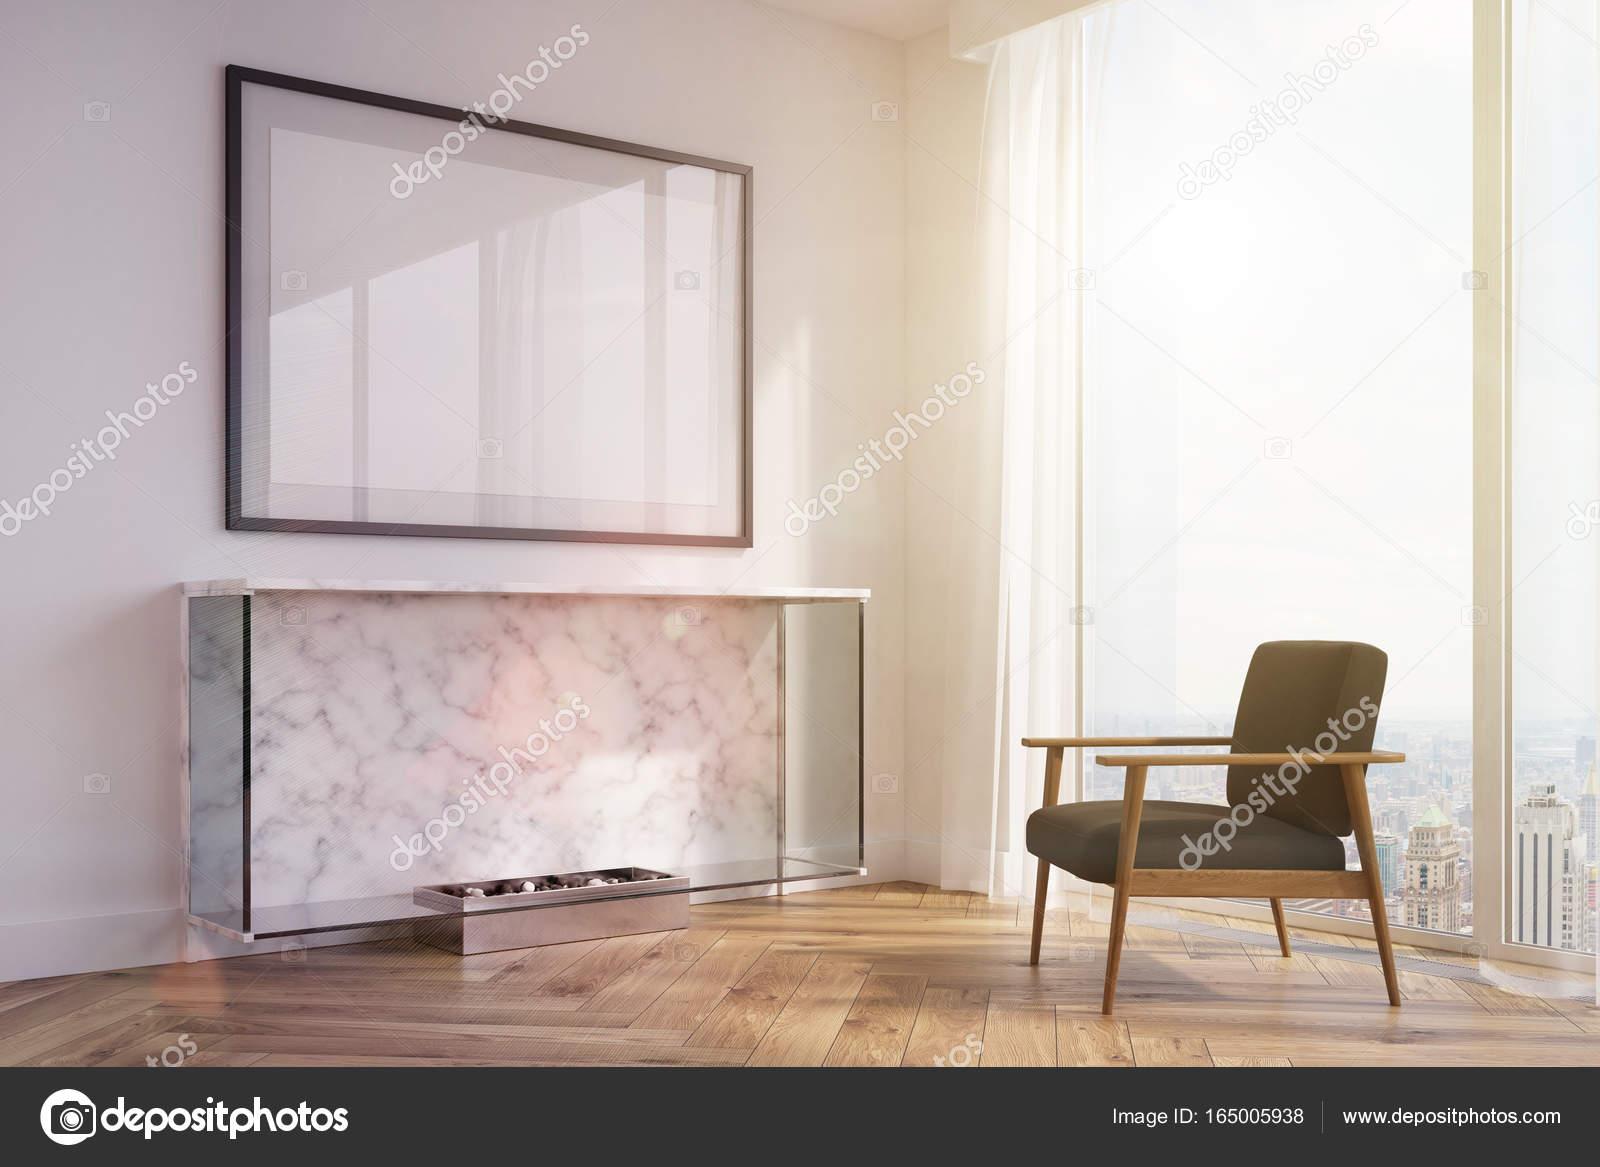 wohnzimmer mit kamin wohnzimmer mit kamin x kamin elektro wohnzimmer kaminofen elektrisch. Black Bedroom Furniture Sets. Home Design Ideas